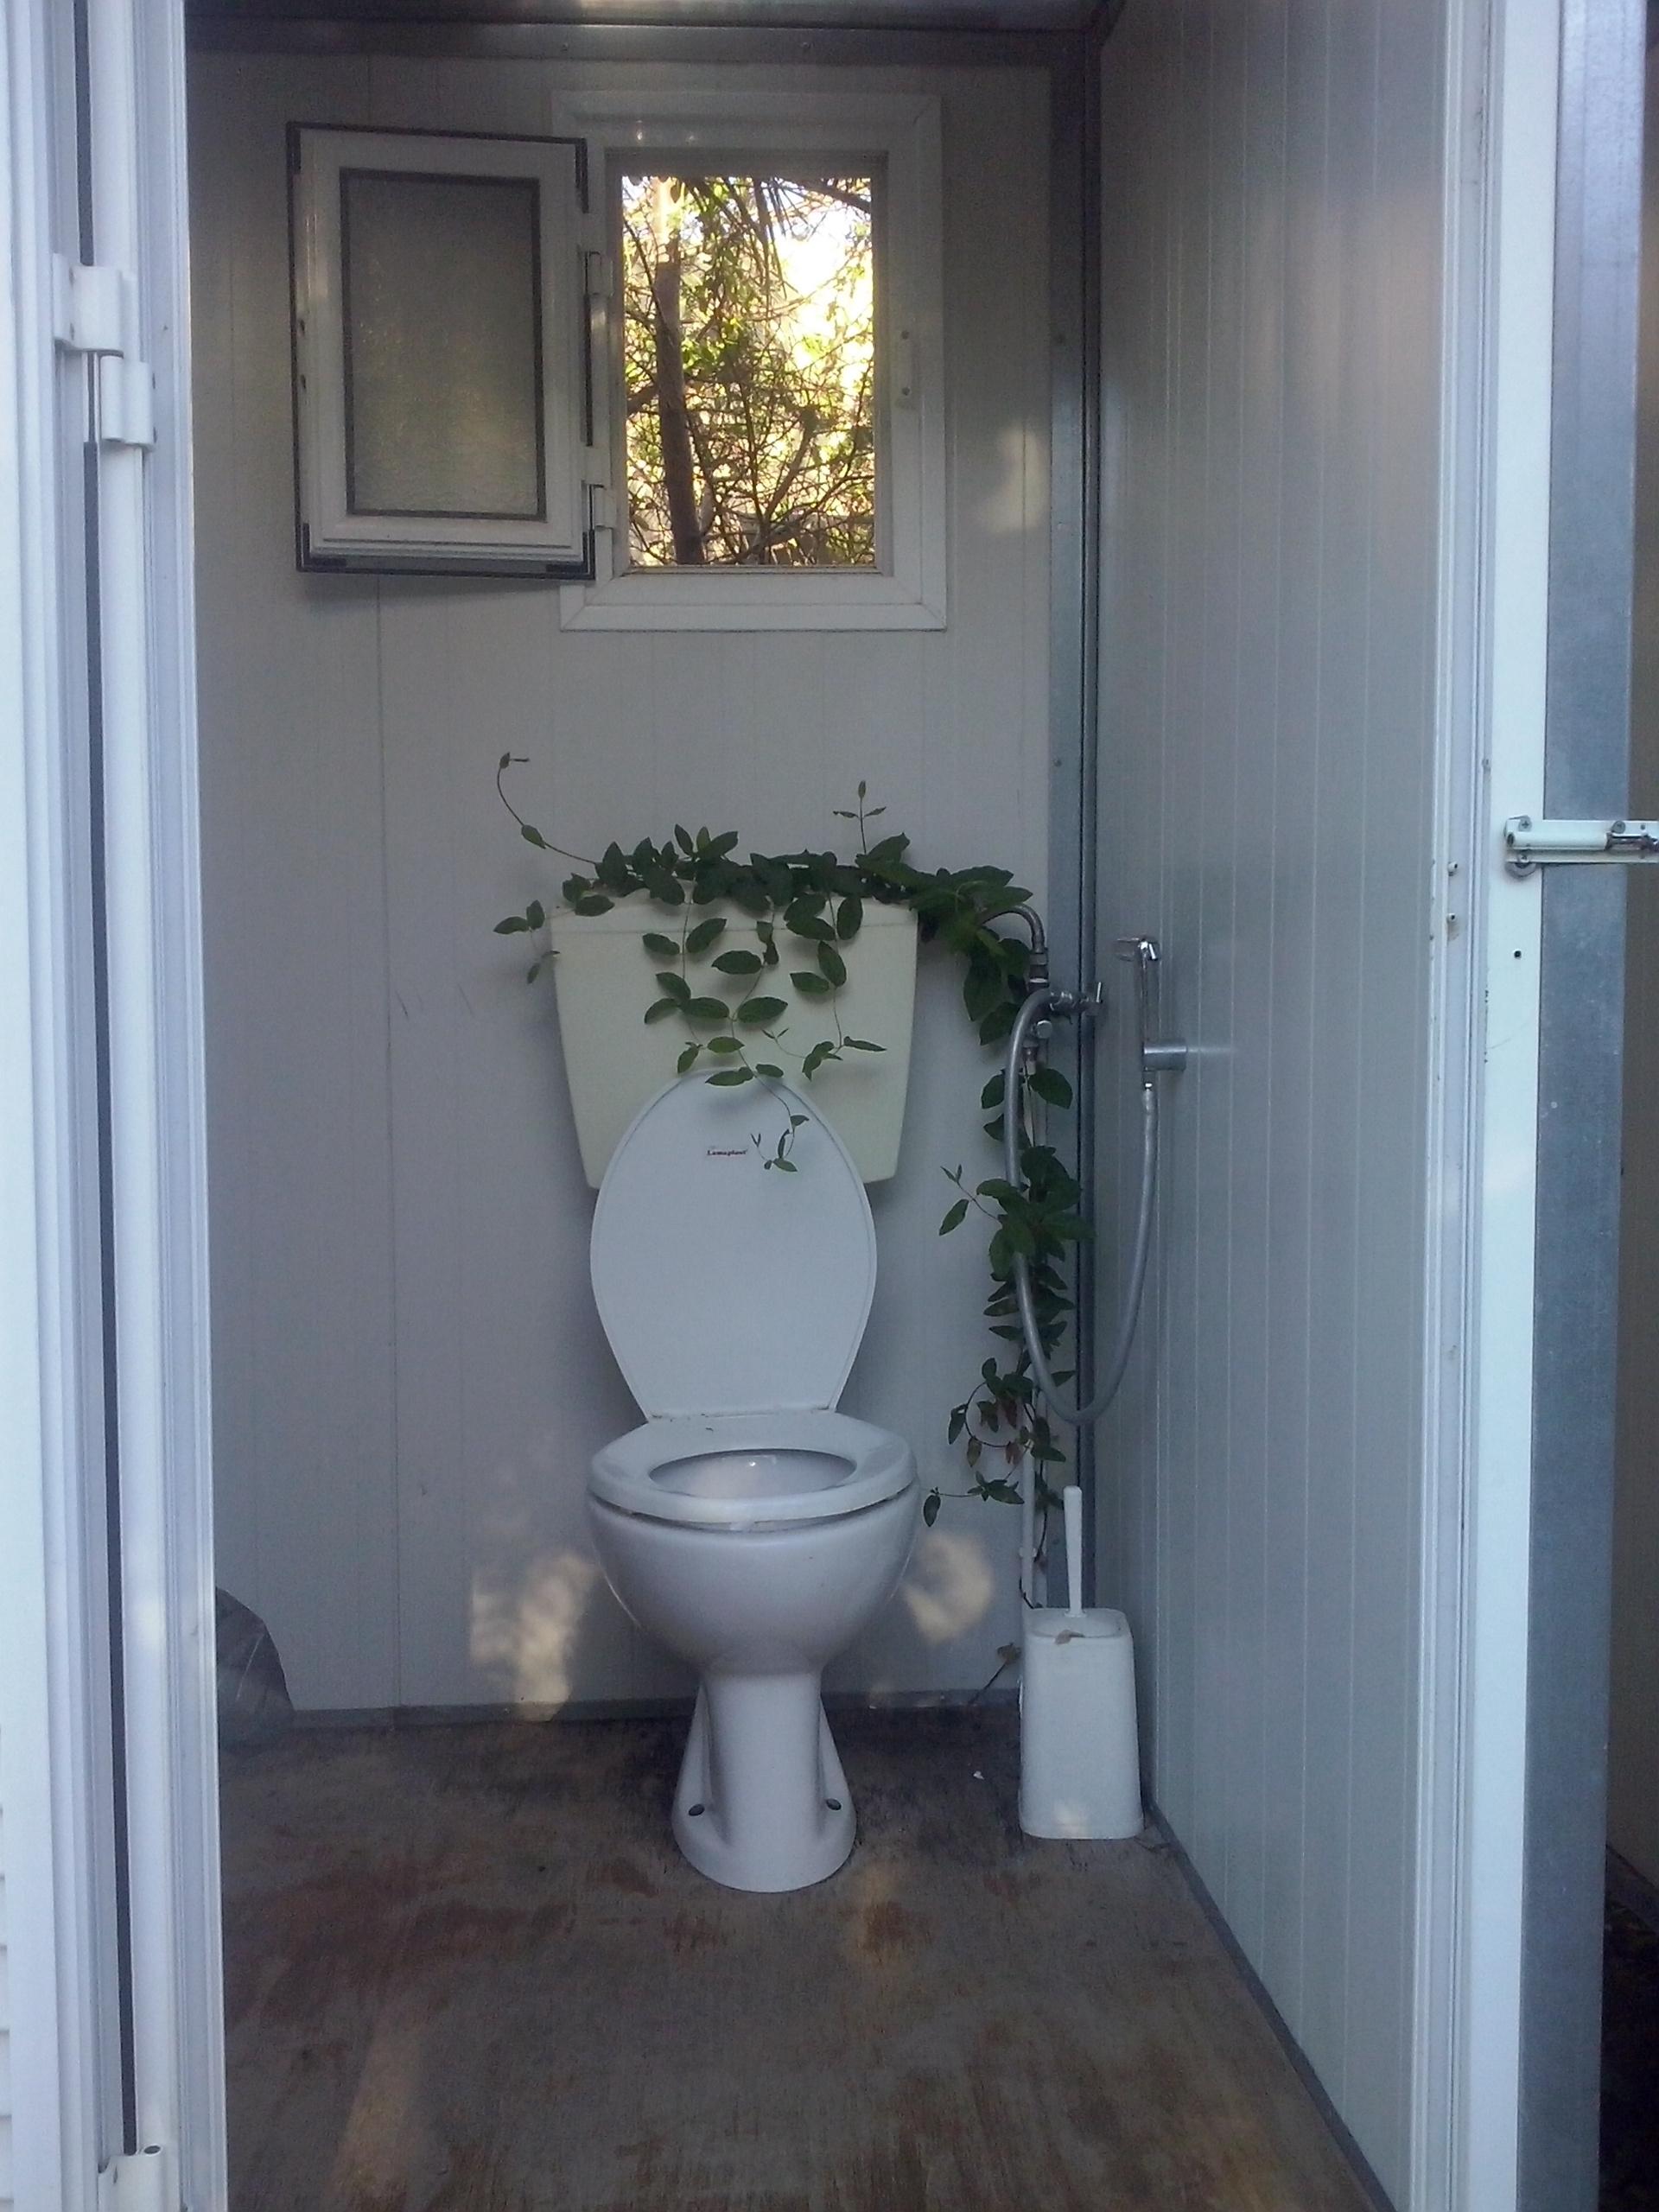 gruene Toilette Grammeno Camping